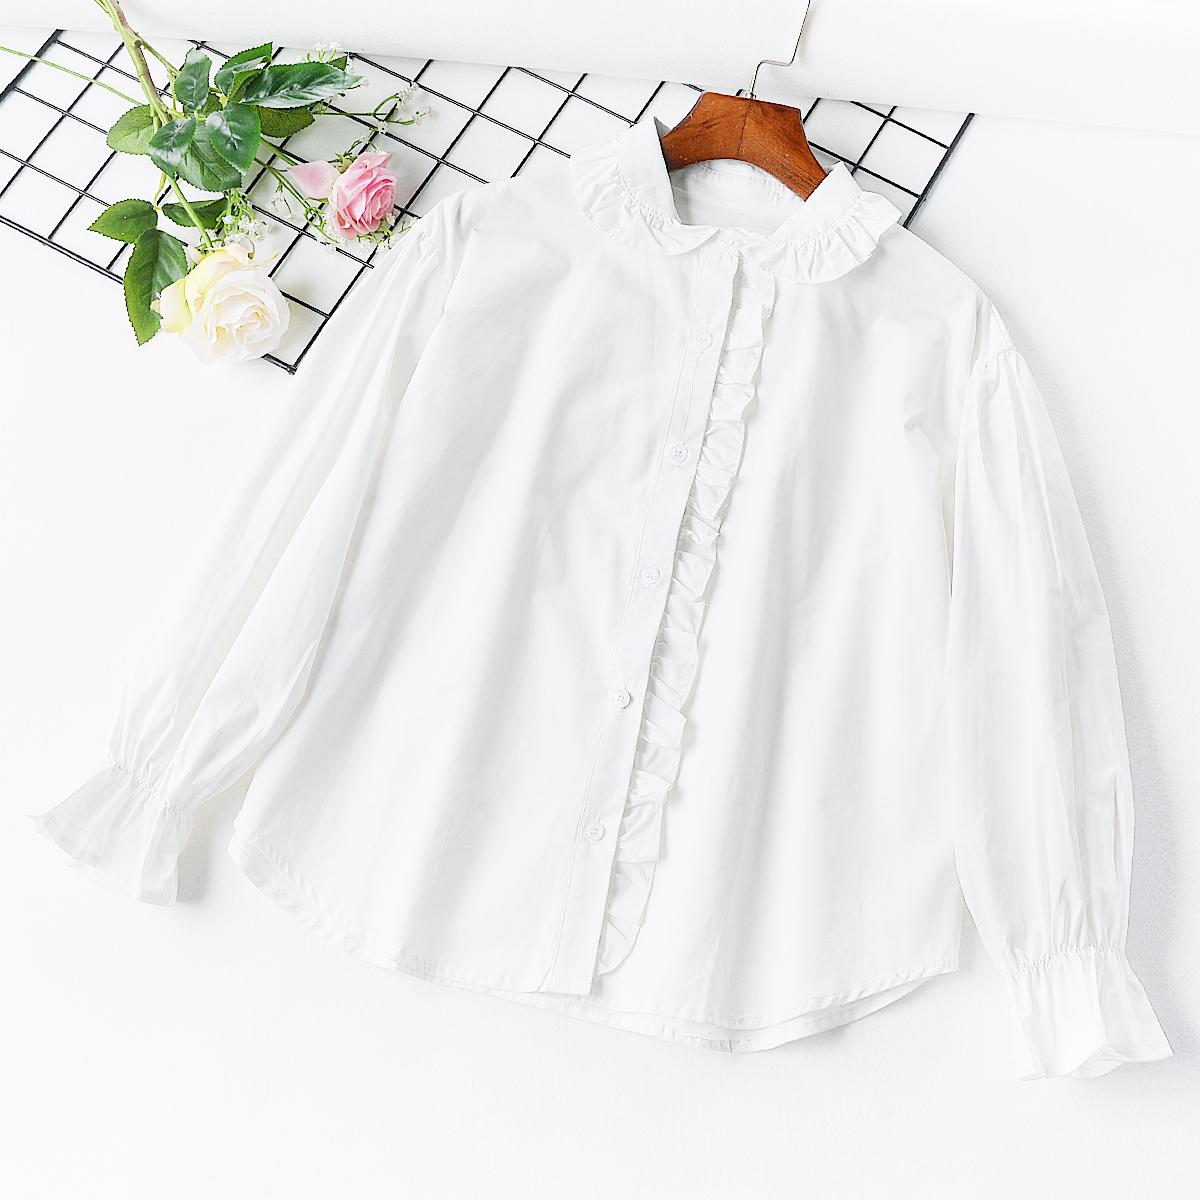 L7 mùa xuân và mùa hè mới tươi ren nấm cổ áo ve áo áo sơ mi trắng nữ lá sen dài tay áo đáy áo triều hoang dã